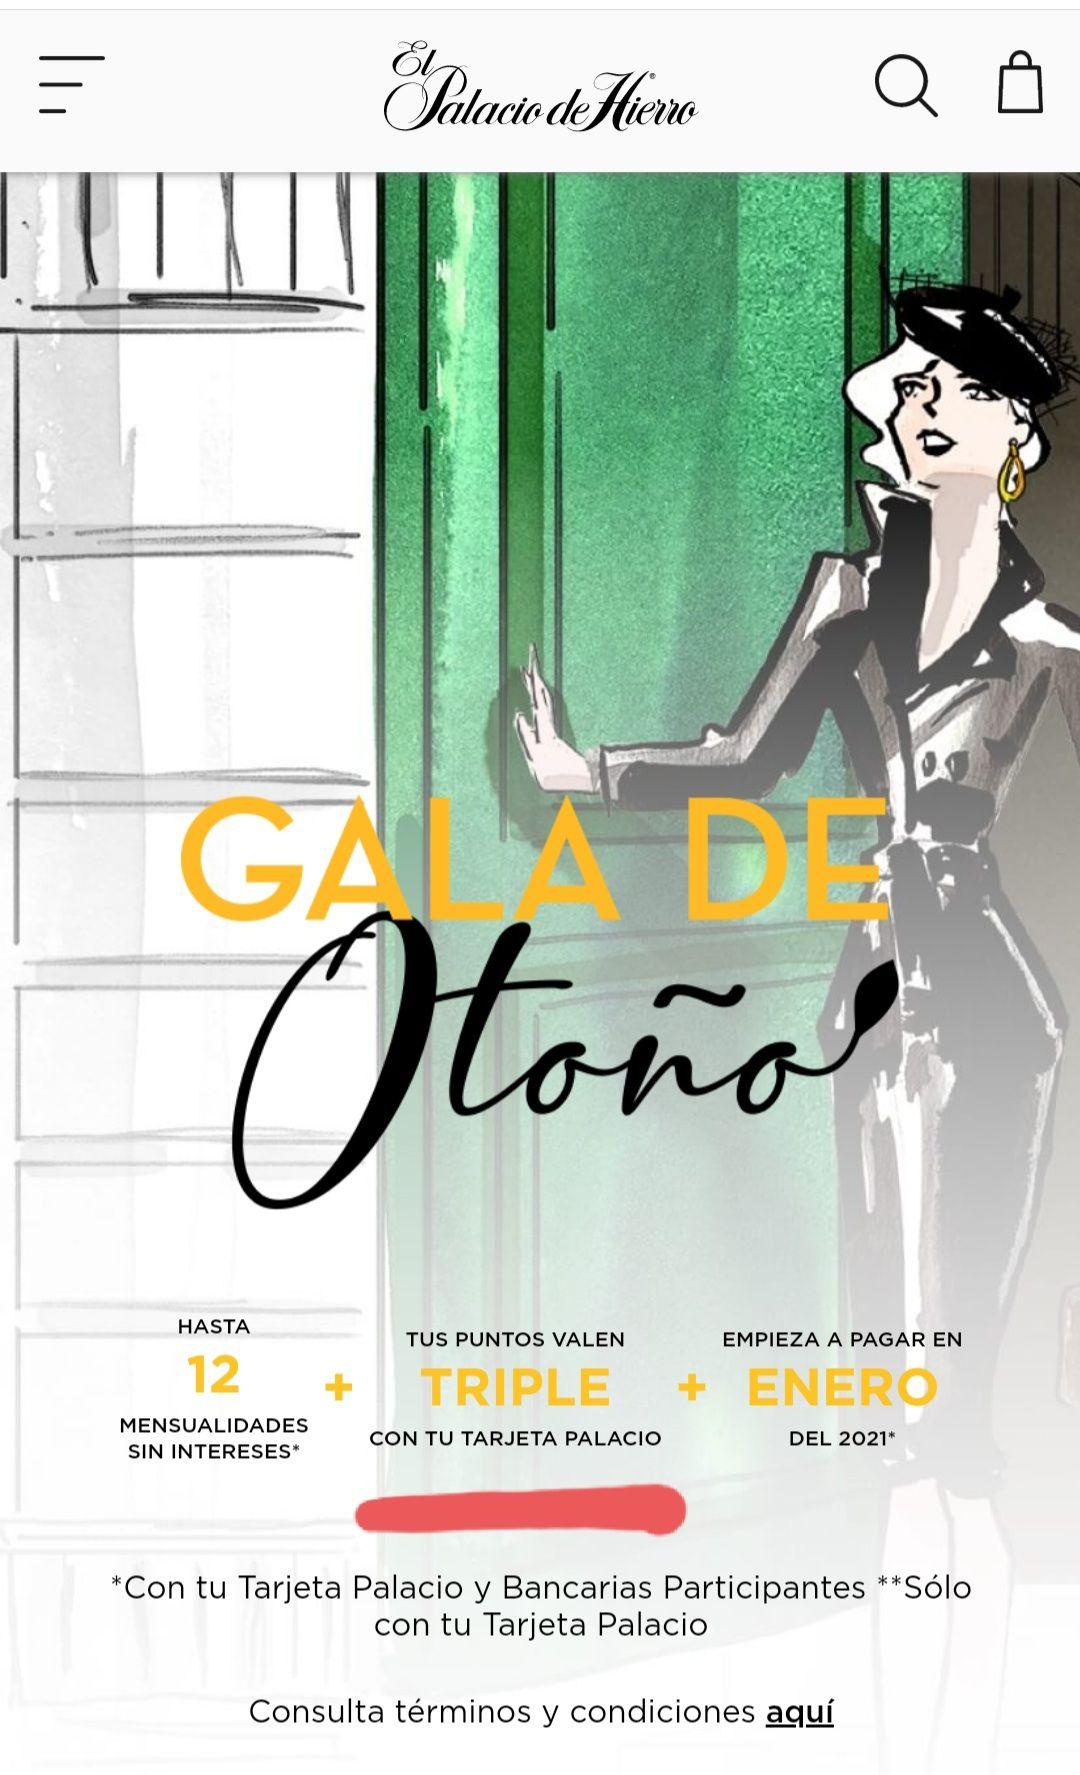 Palacio de Hierro: Puntos triples con Tarjeta Palacio